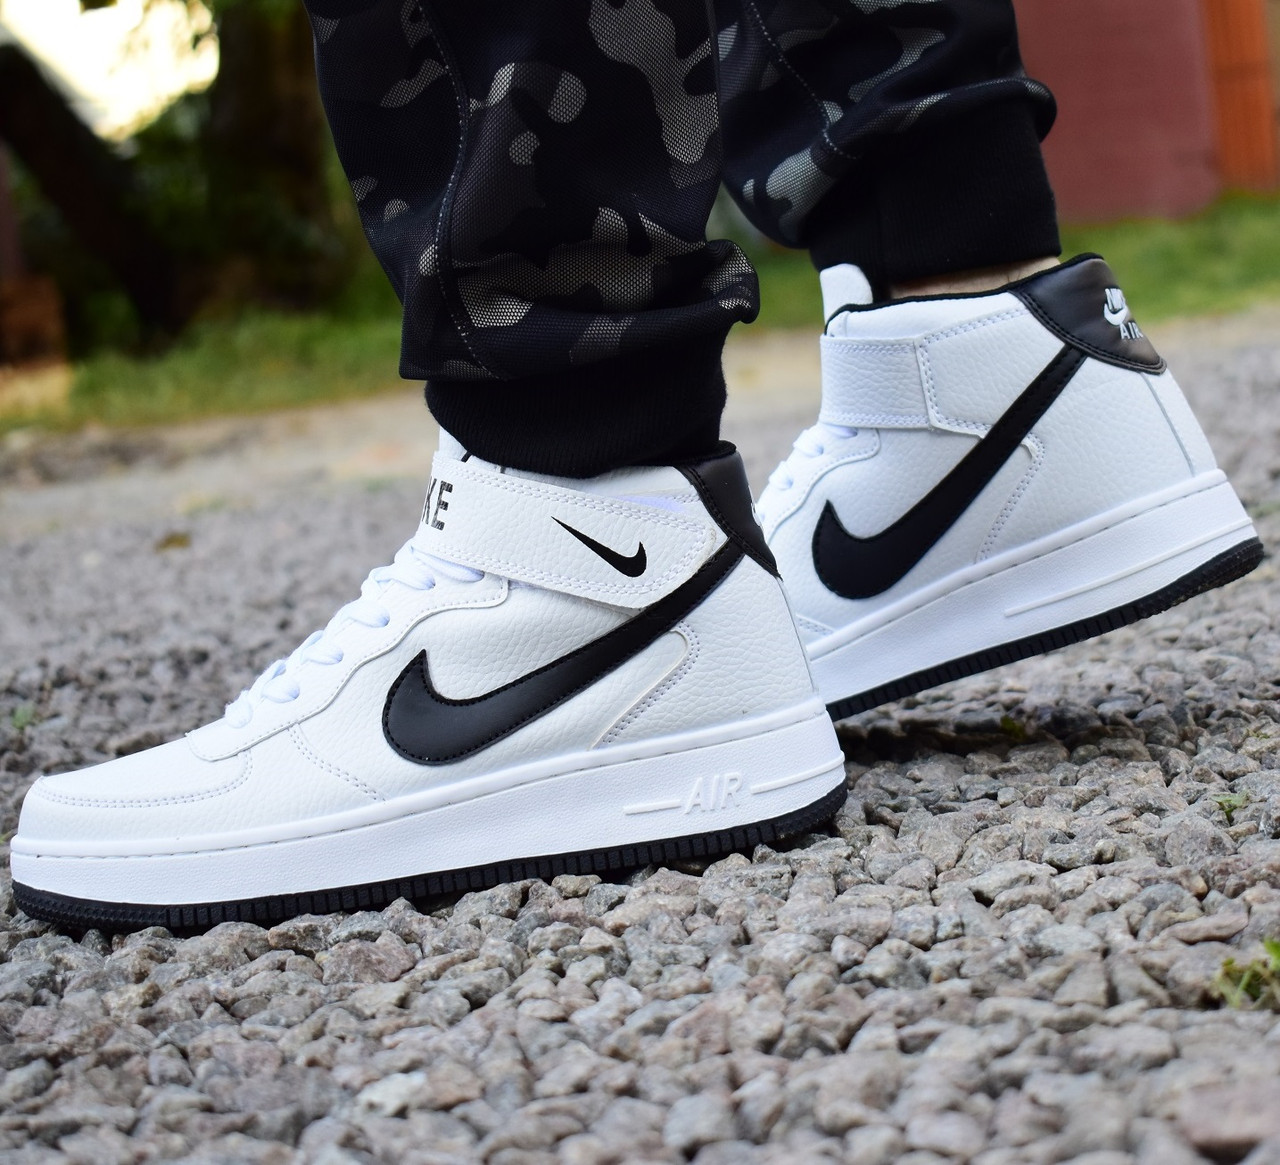 Nike Air Force 1 белые/черные High